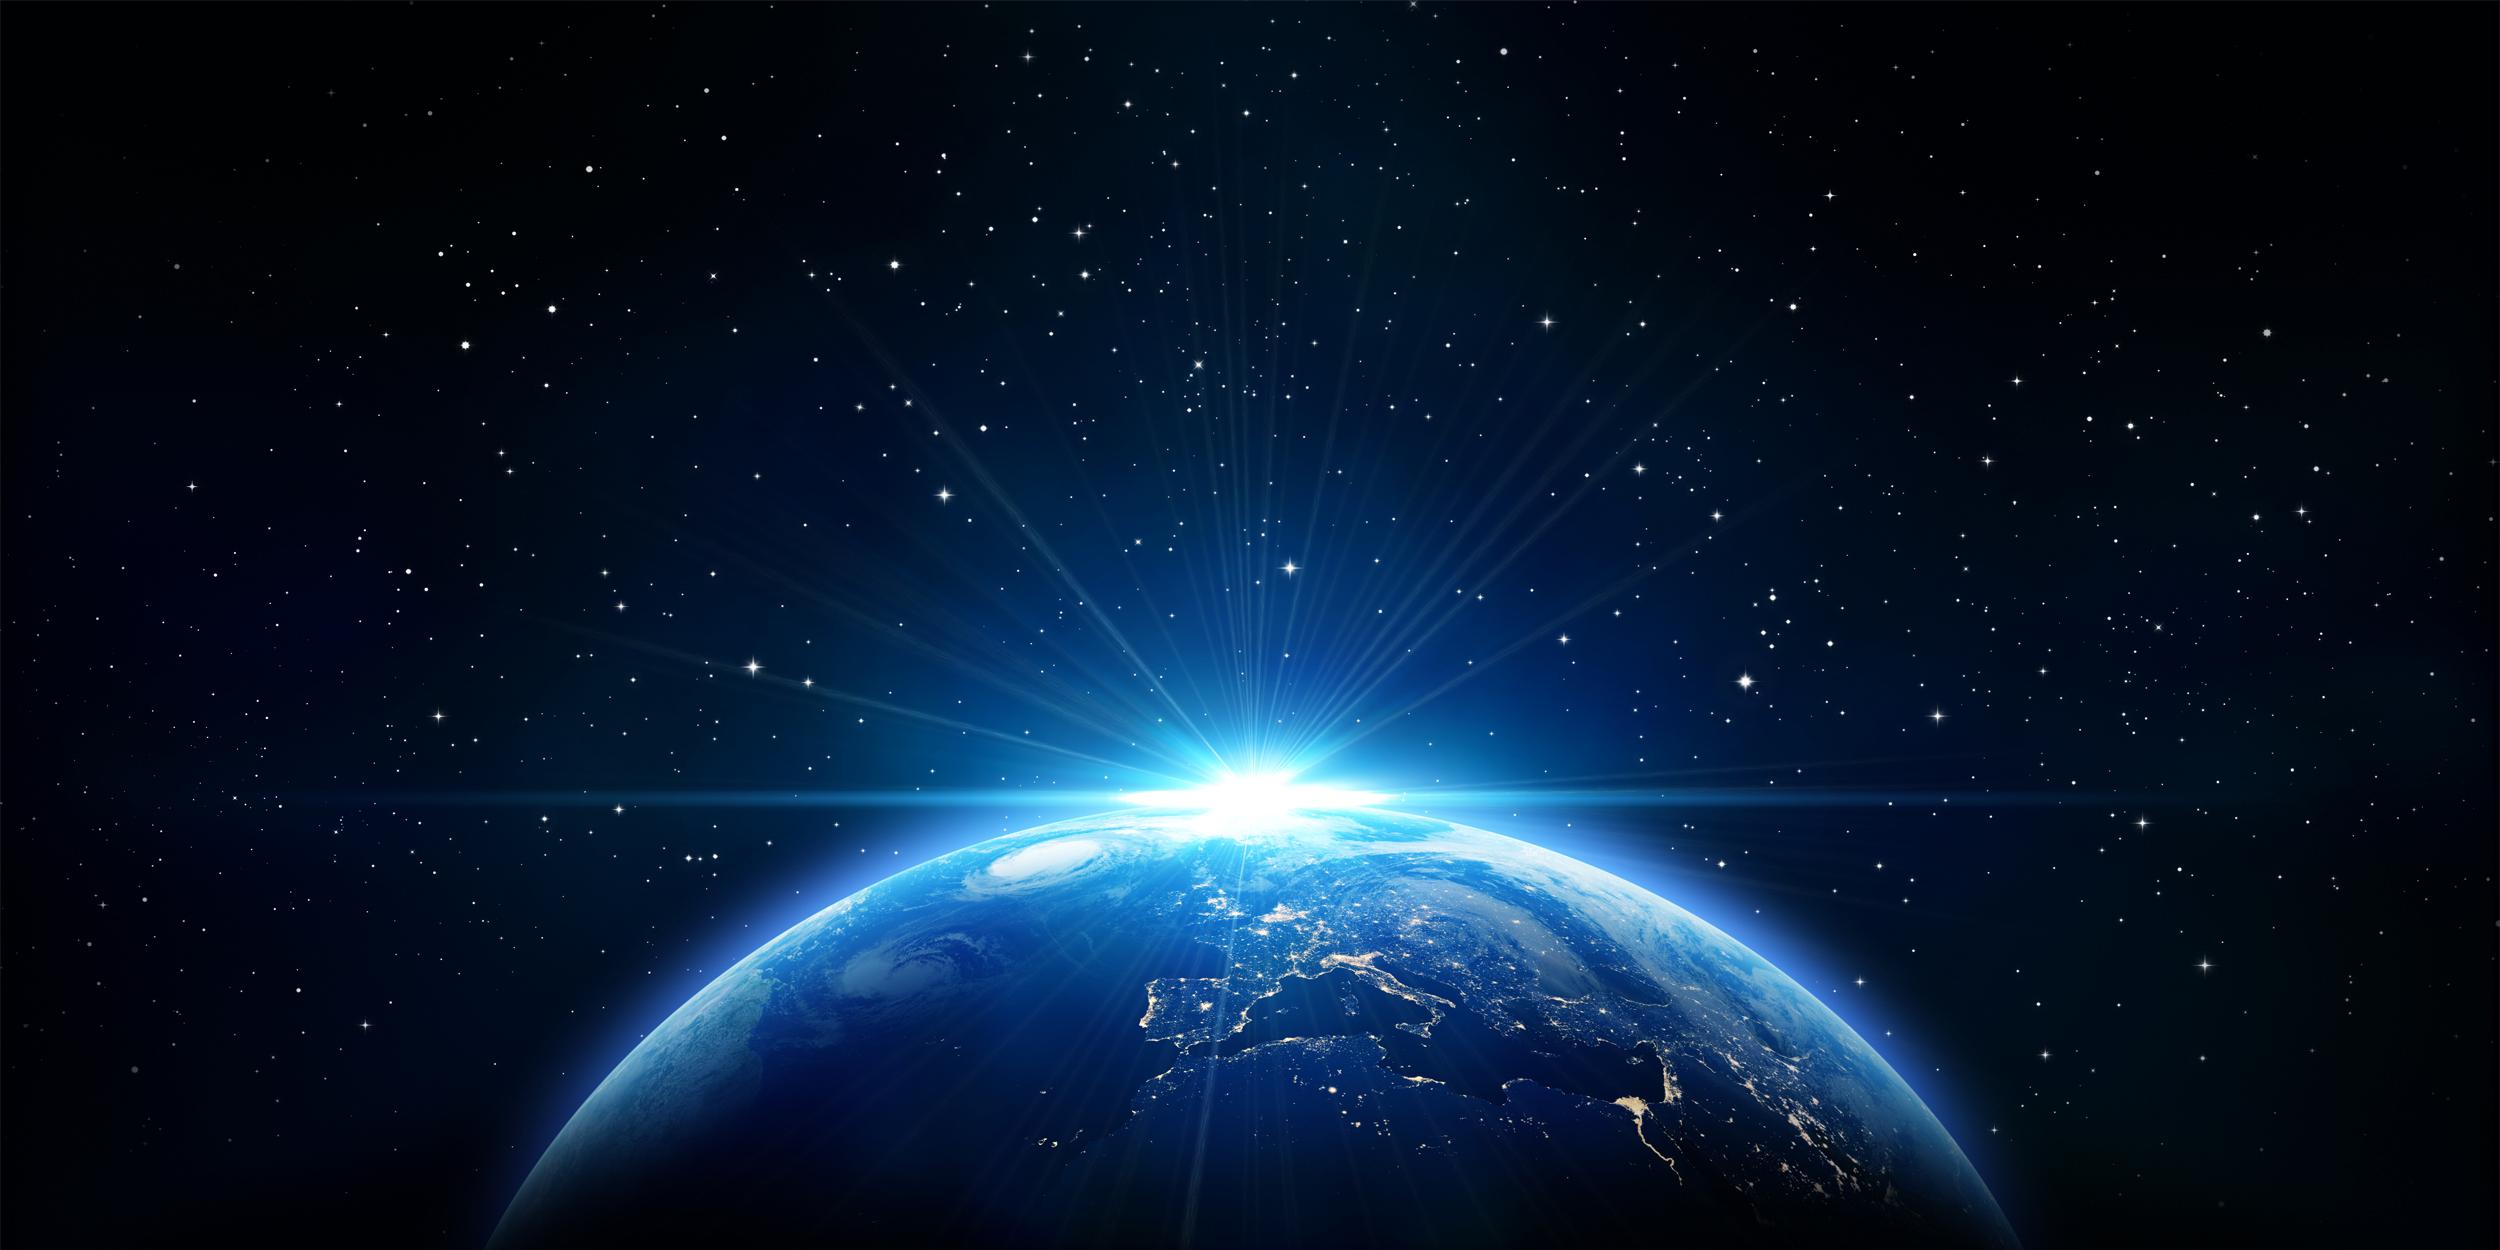 """Космический """"эффект обзора"""" приносит эйфорию - и ее можно испытать здесь, на Земле"""